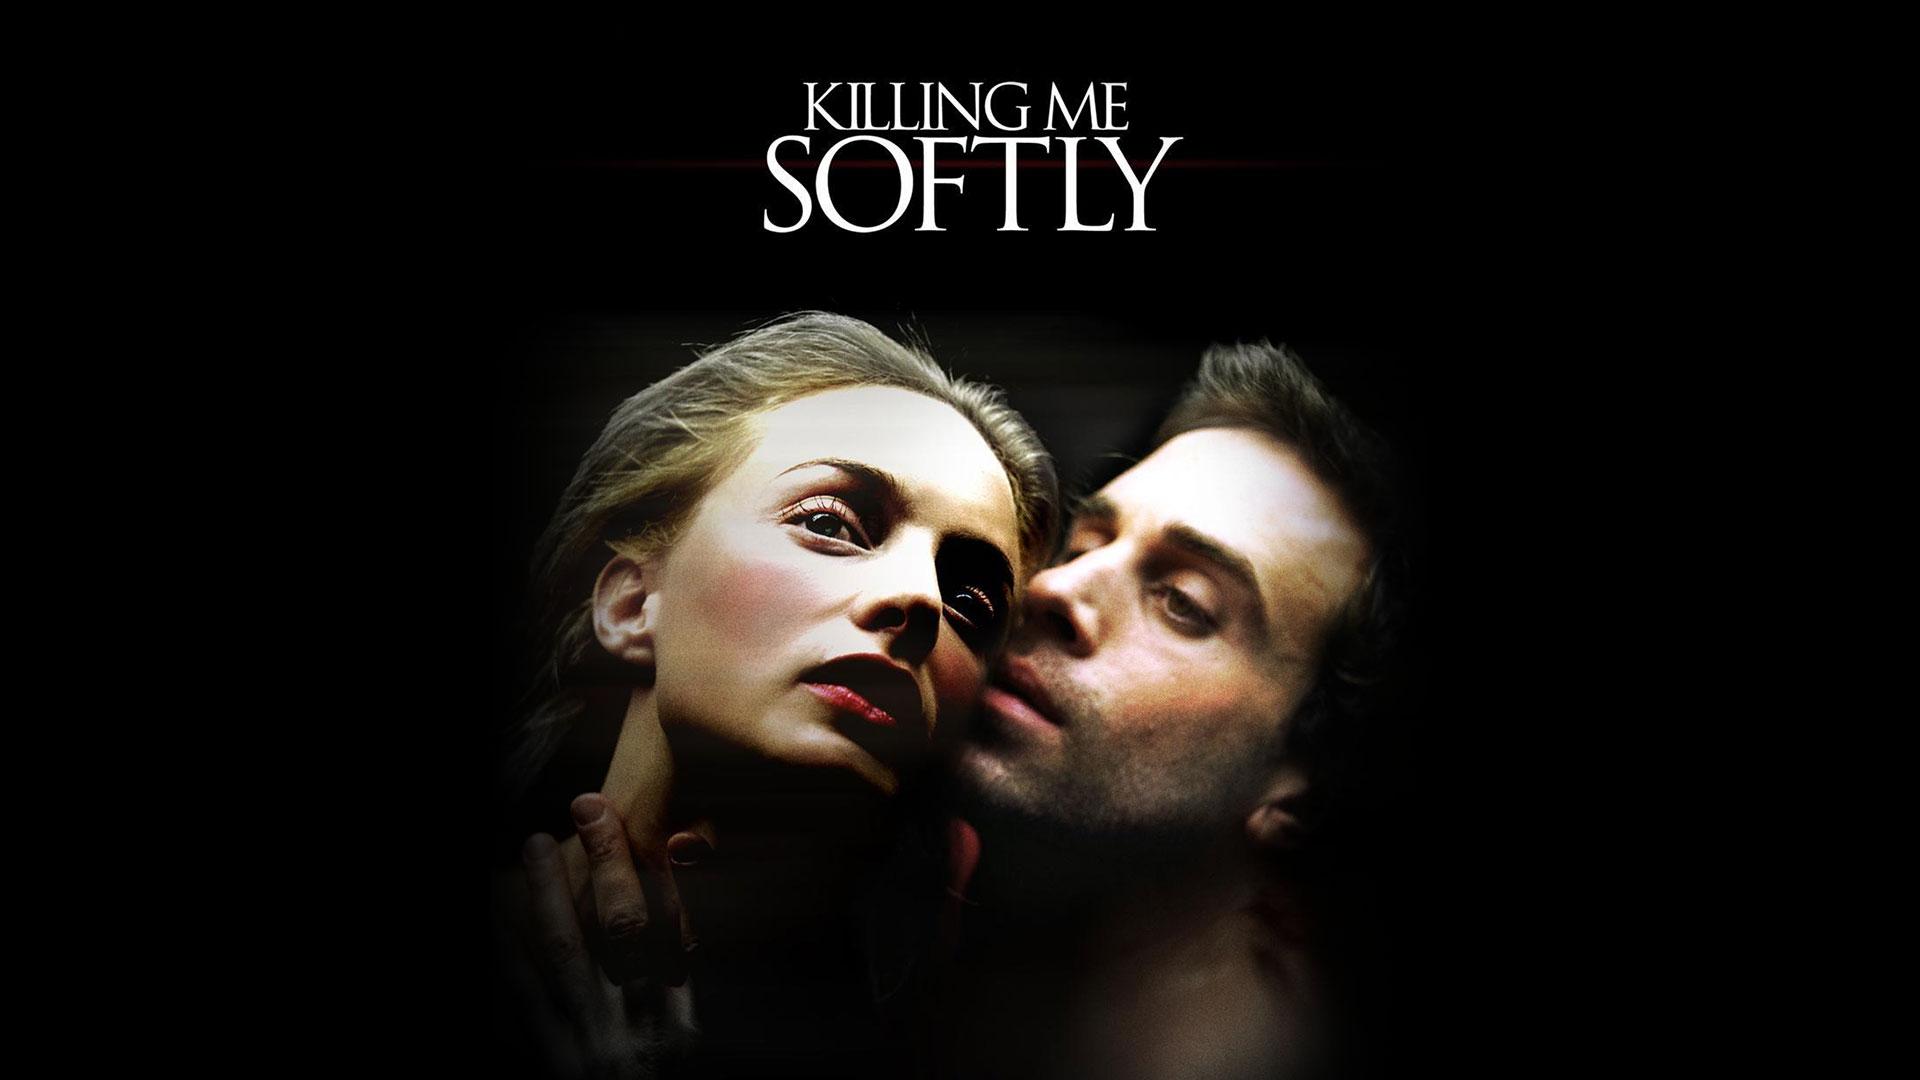 Full movie sin original Original Sin